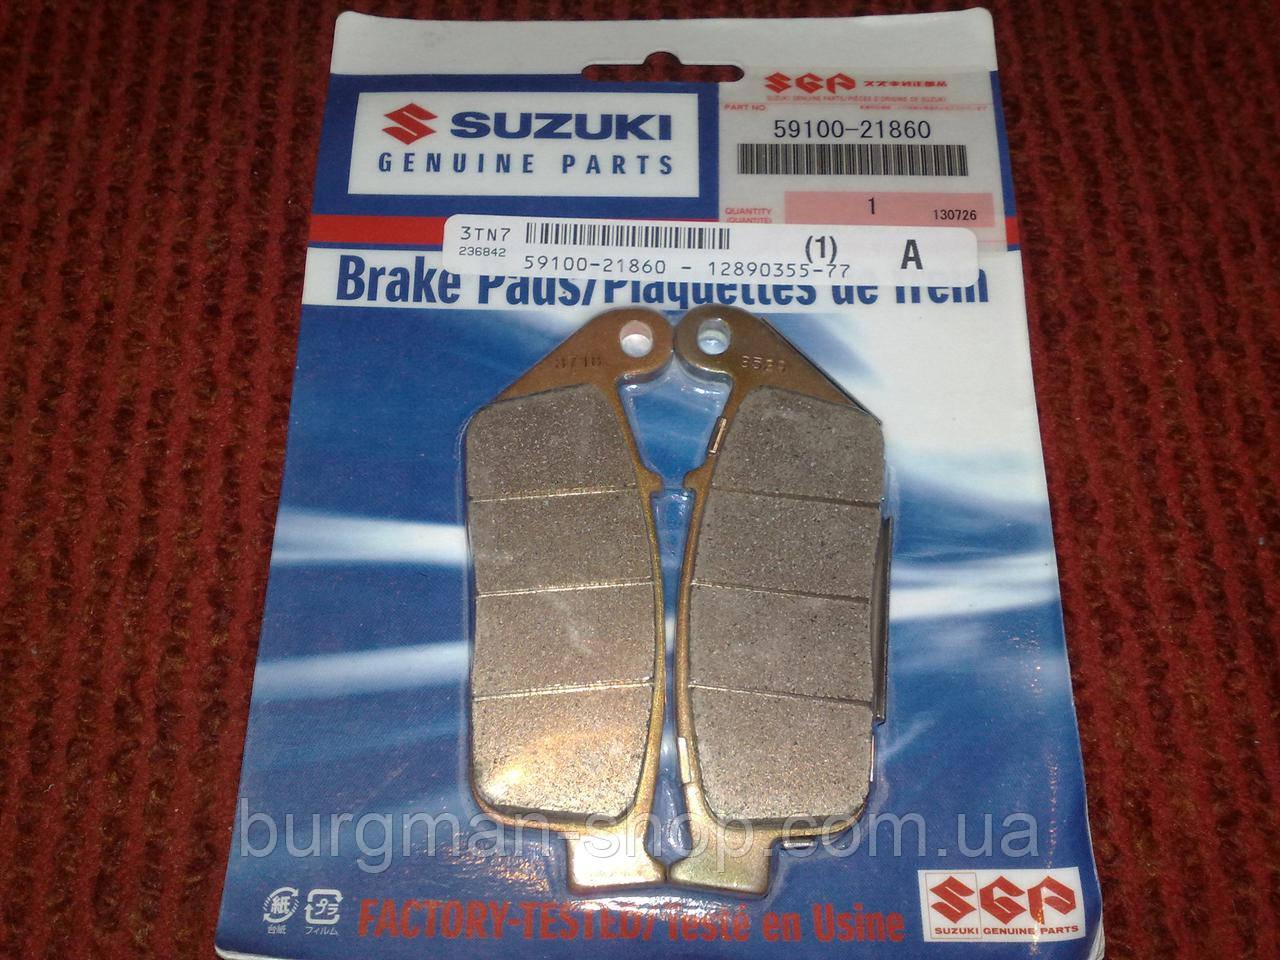 Тормозные колодки передние правые 650сс Suzuki Burgman SkyWave 59100-21860